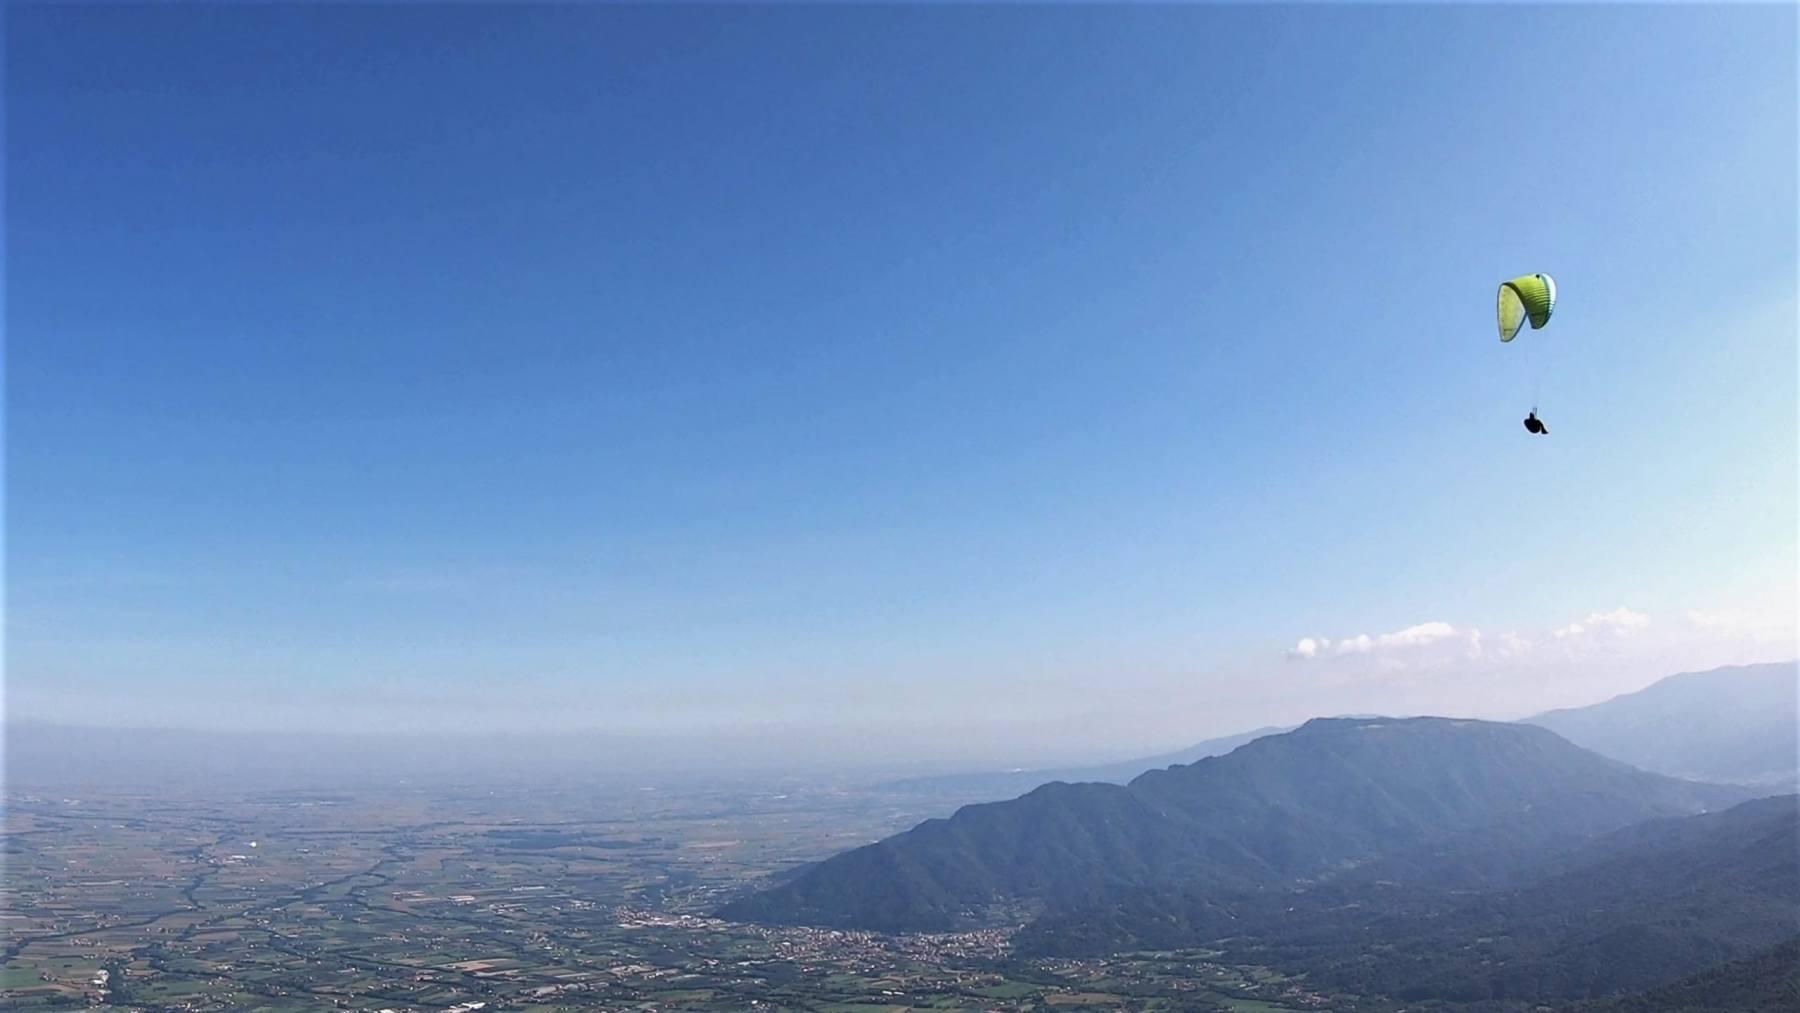 Cinzia in volo in un magnfico pomeriggio settembrino